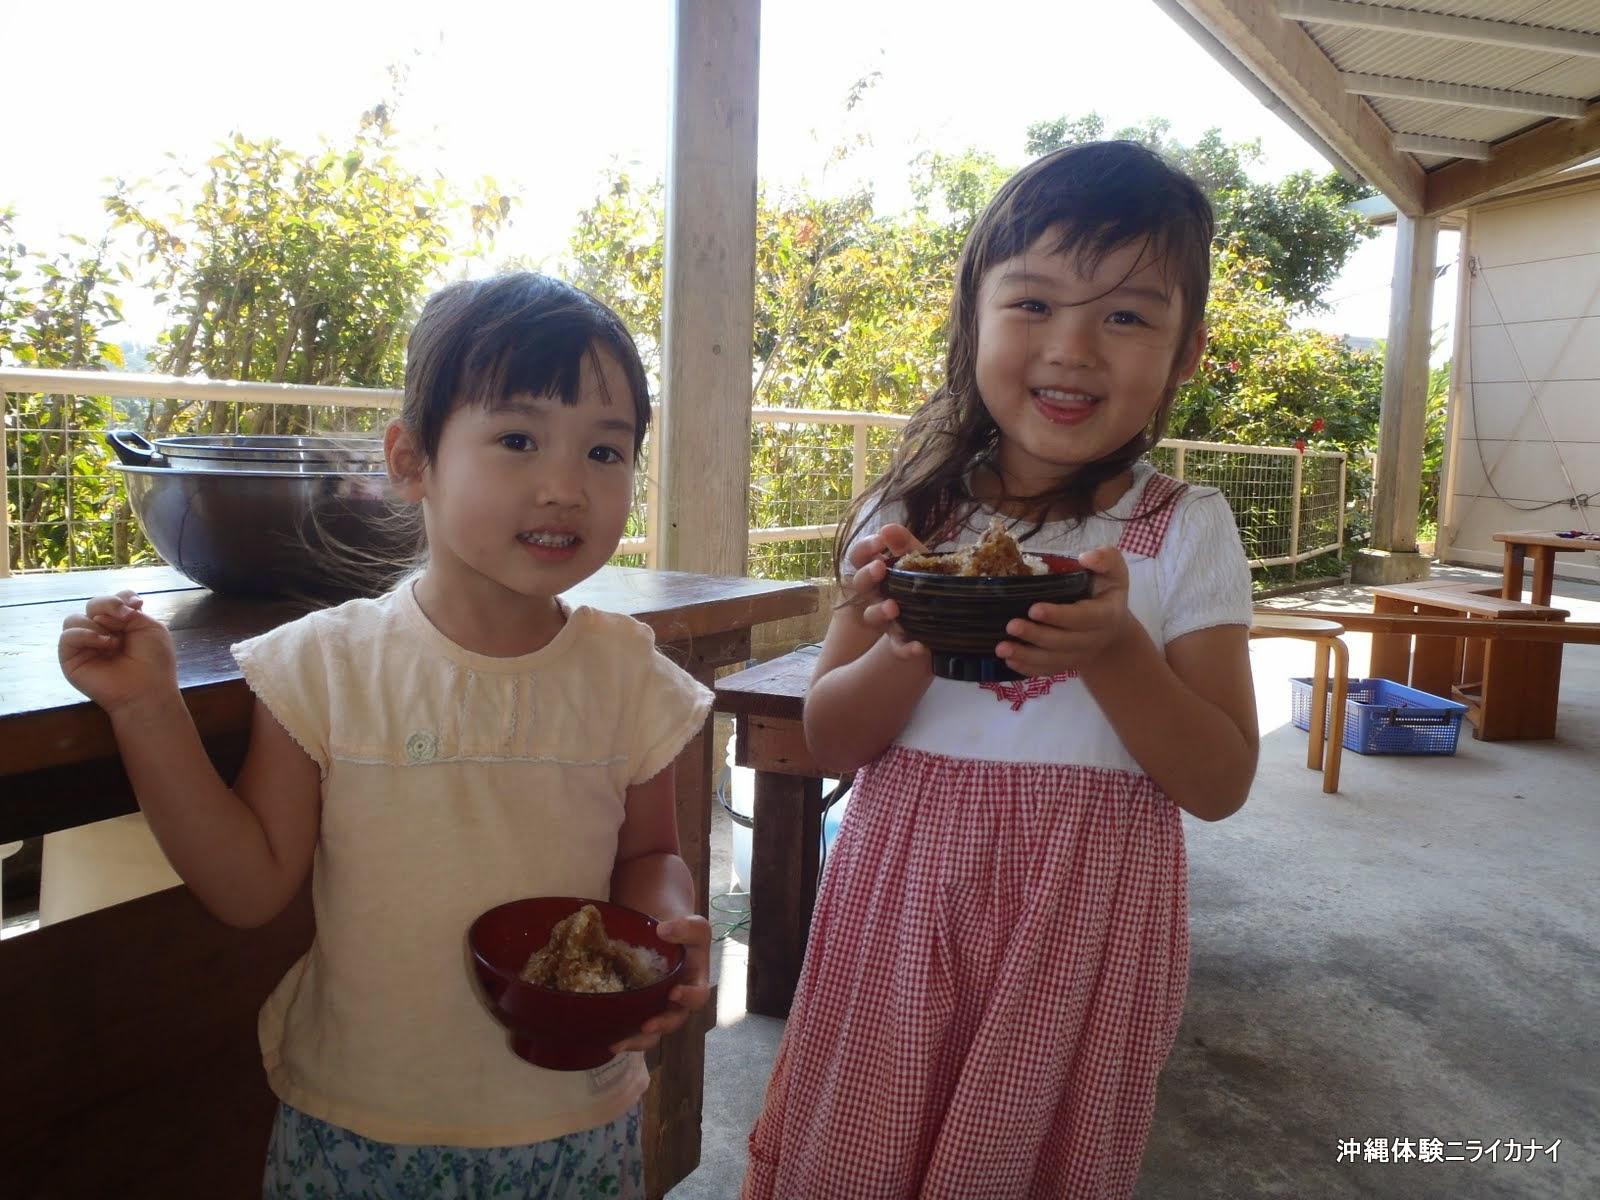 体験/観光 サトウキビ 家族旅行 子ども